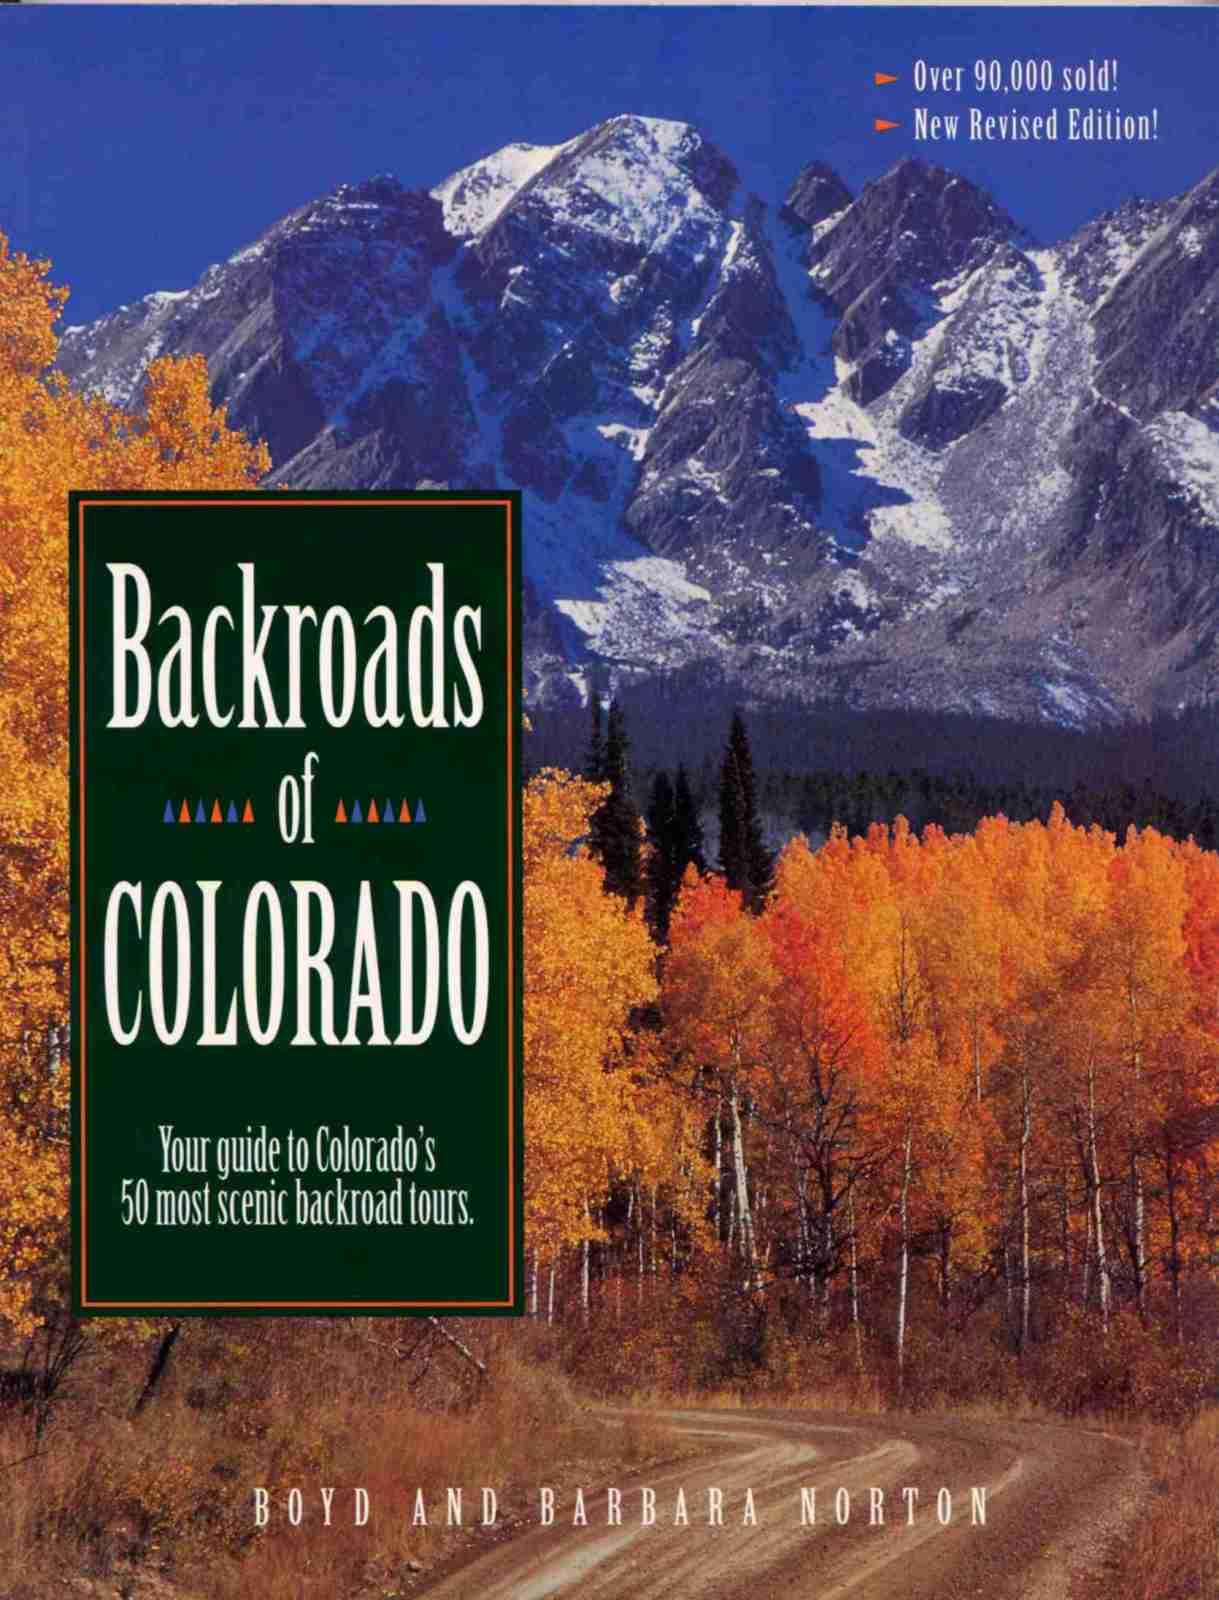 BackroadsBookCover